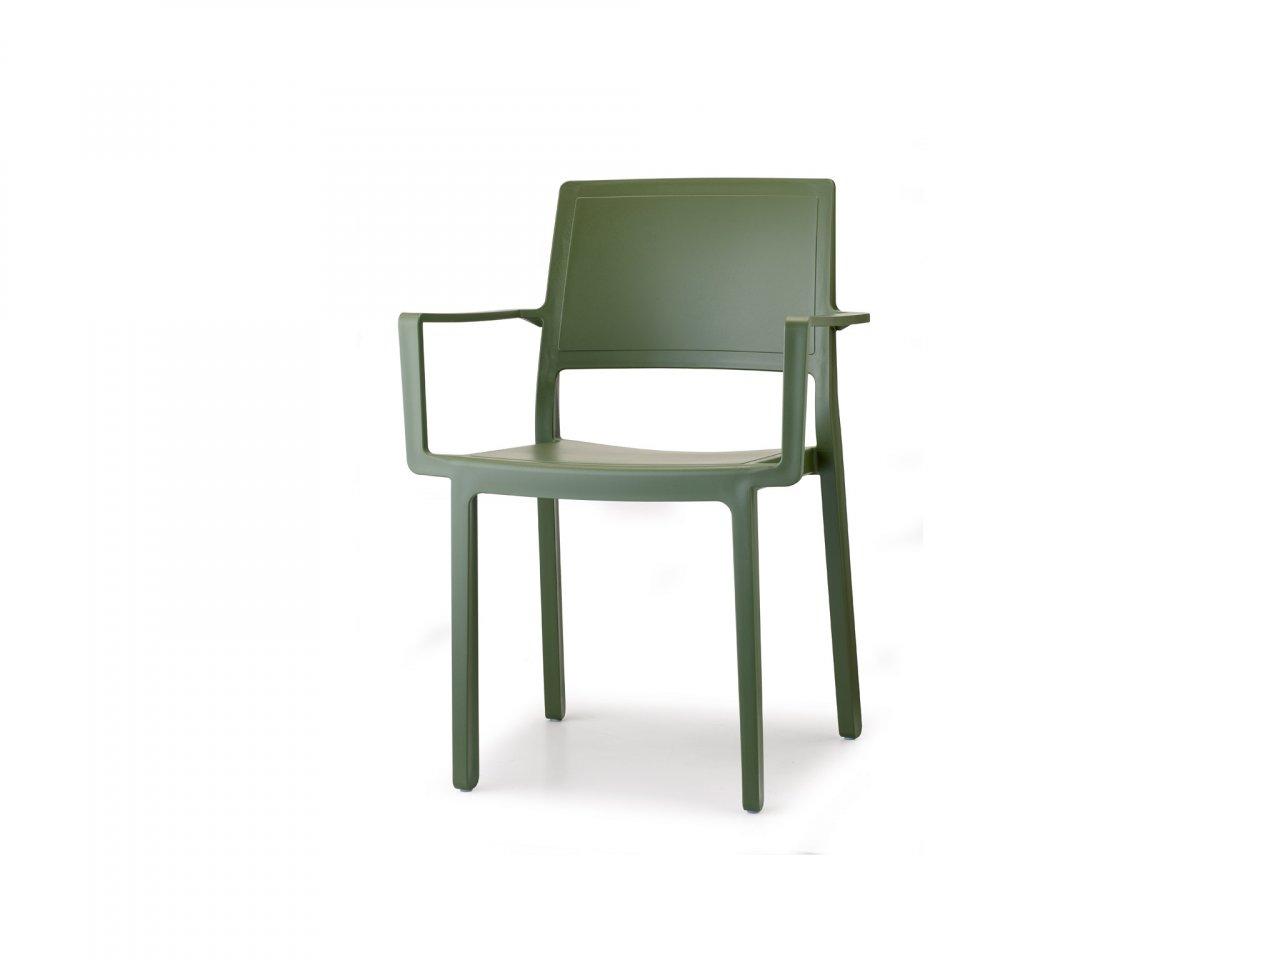 Sedia Con Braccioli Kate - v1